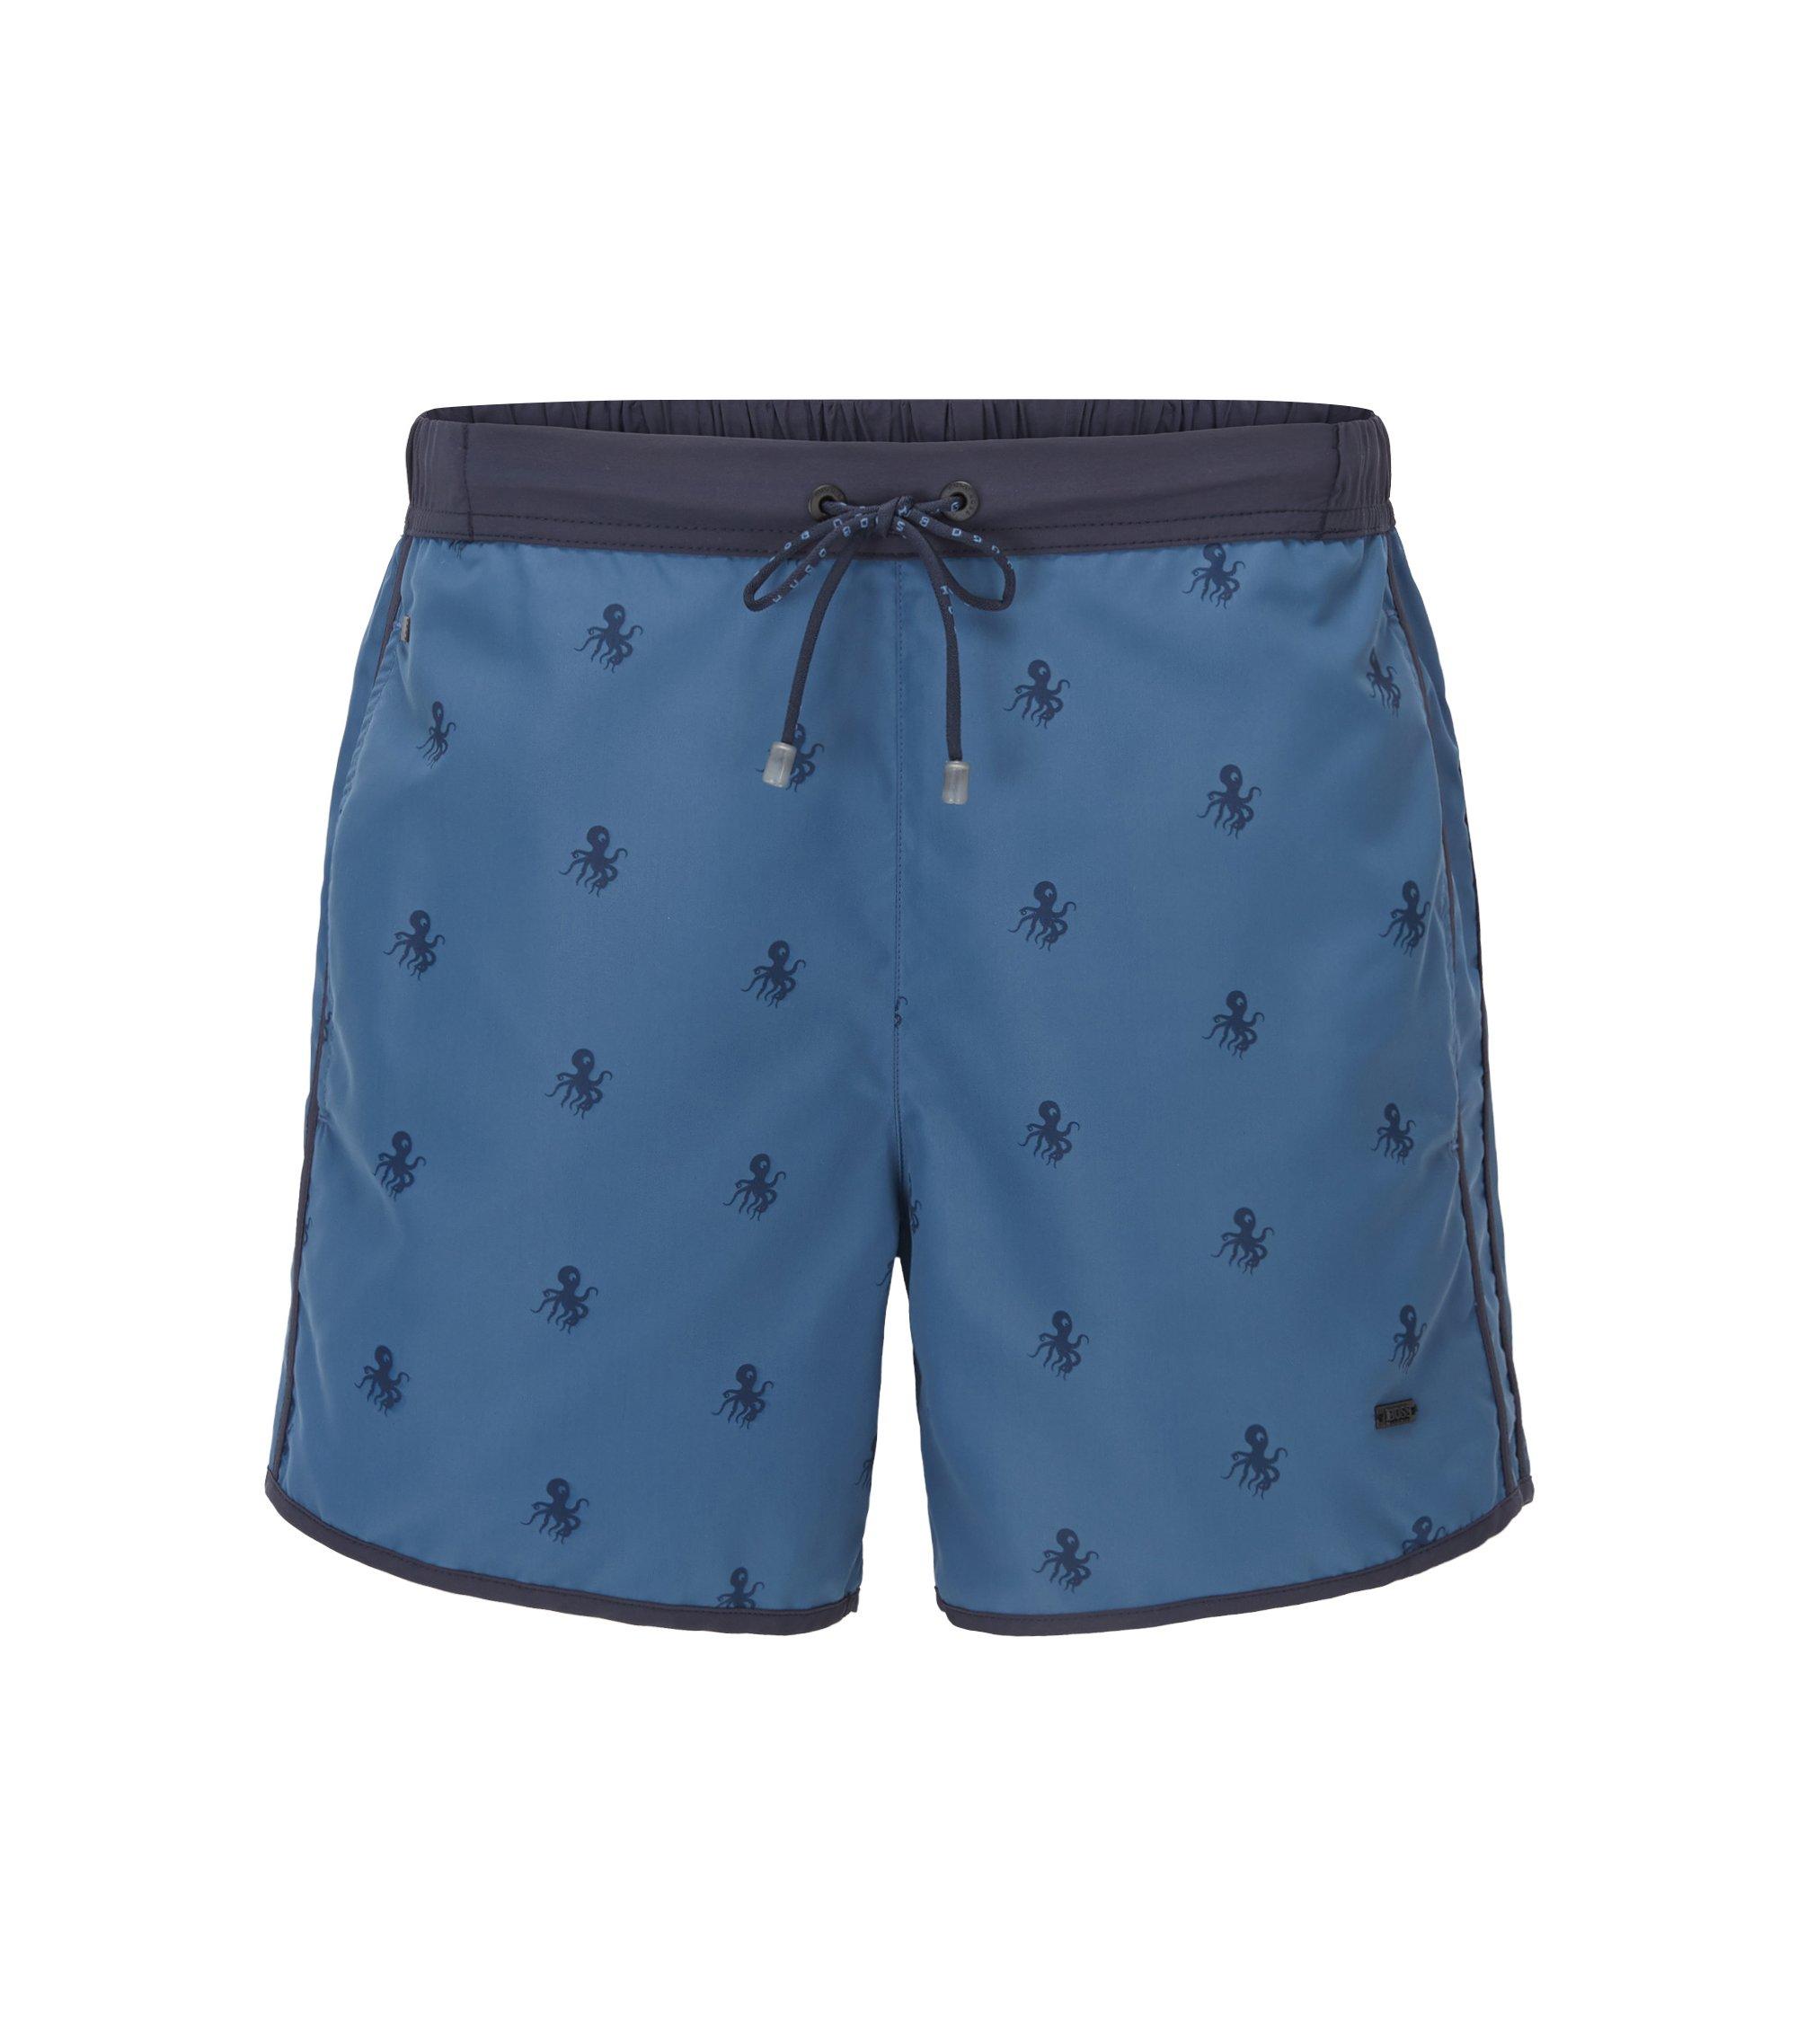 Quick Dry Nylon Embroidered Swim Short | White Shark, Open Blue